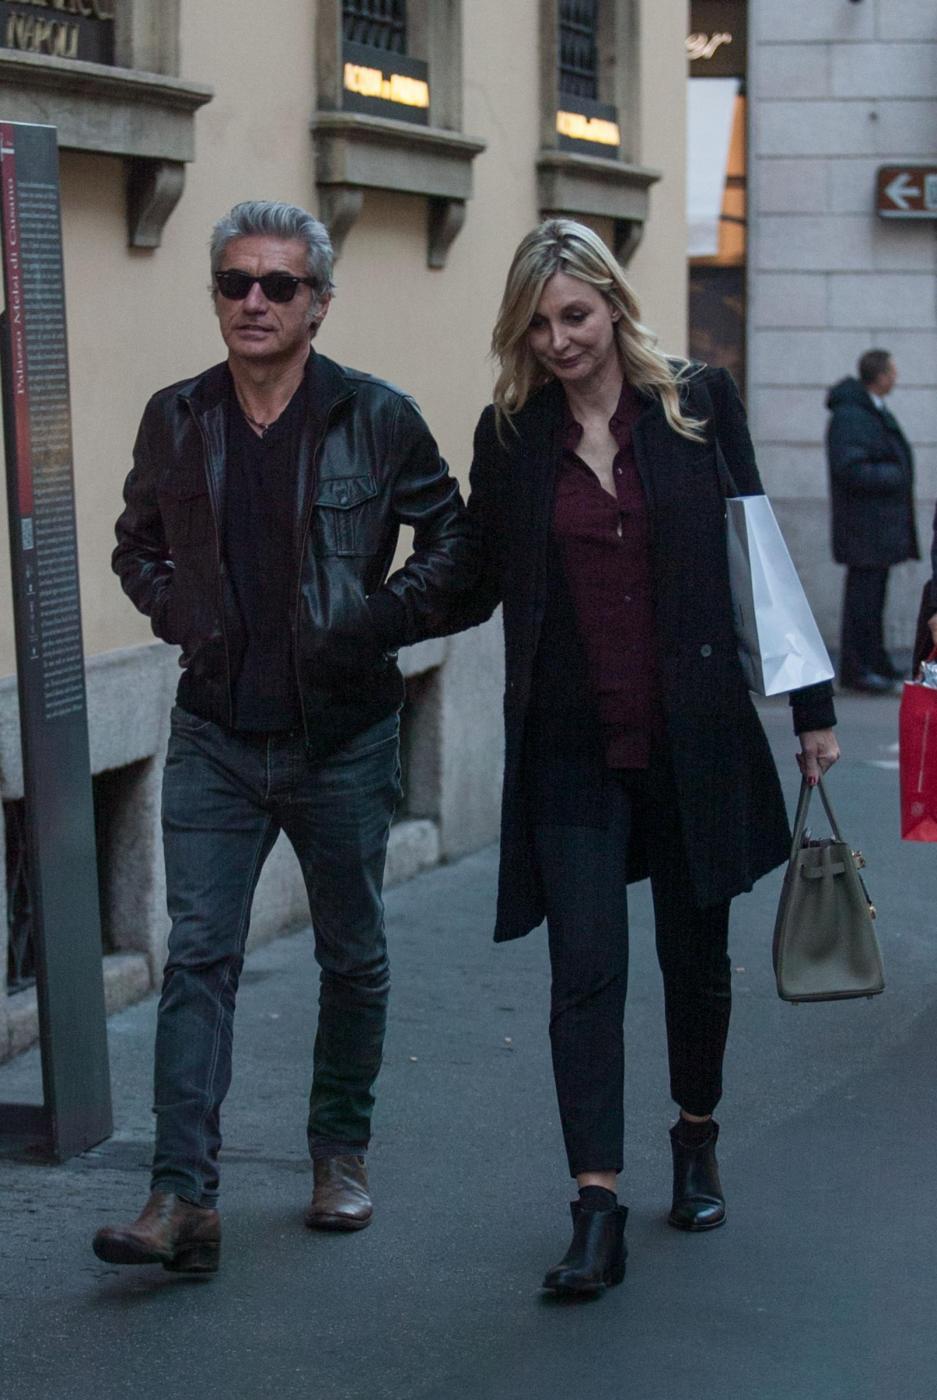 Luciano Ligabue e la moglie Barbara Pozzo a passeggio FOTO ioo